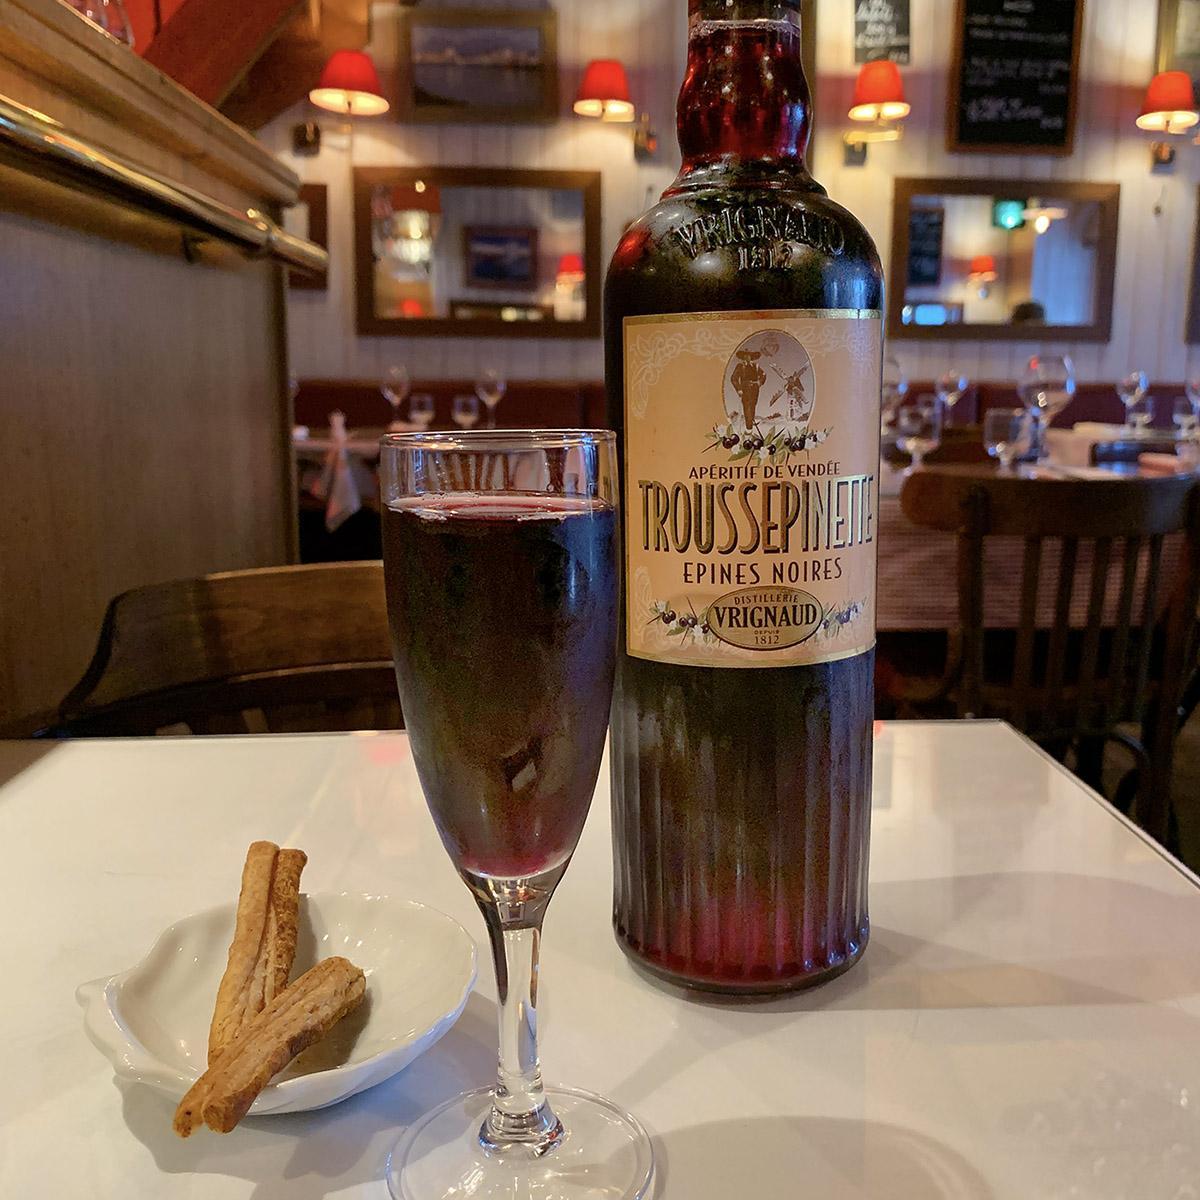 Sardine. Trouspinette heißt der Aperitif der Vendée. Er schmeckt wie Portwein mit Früchten und Gewürzen. Foto: Hilke Maunder